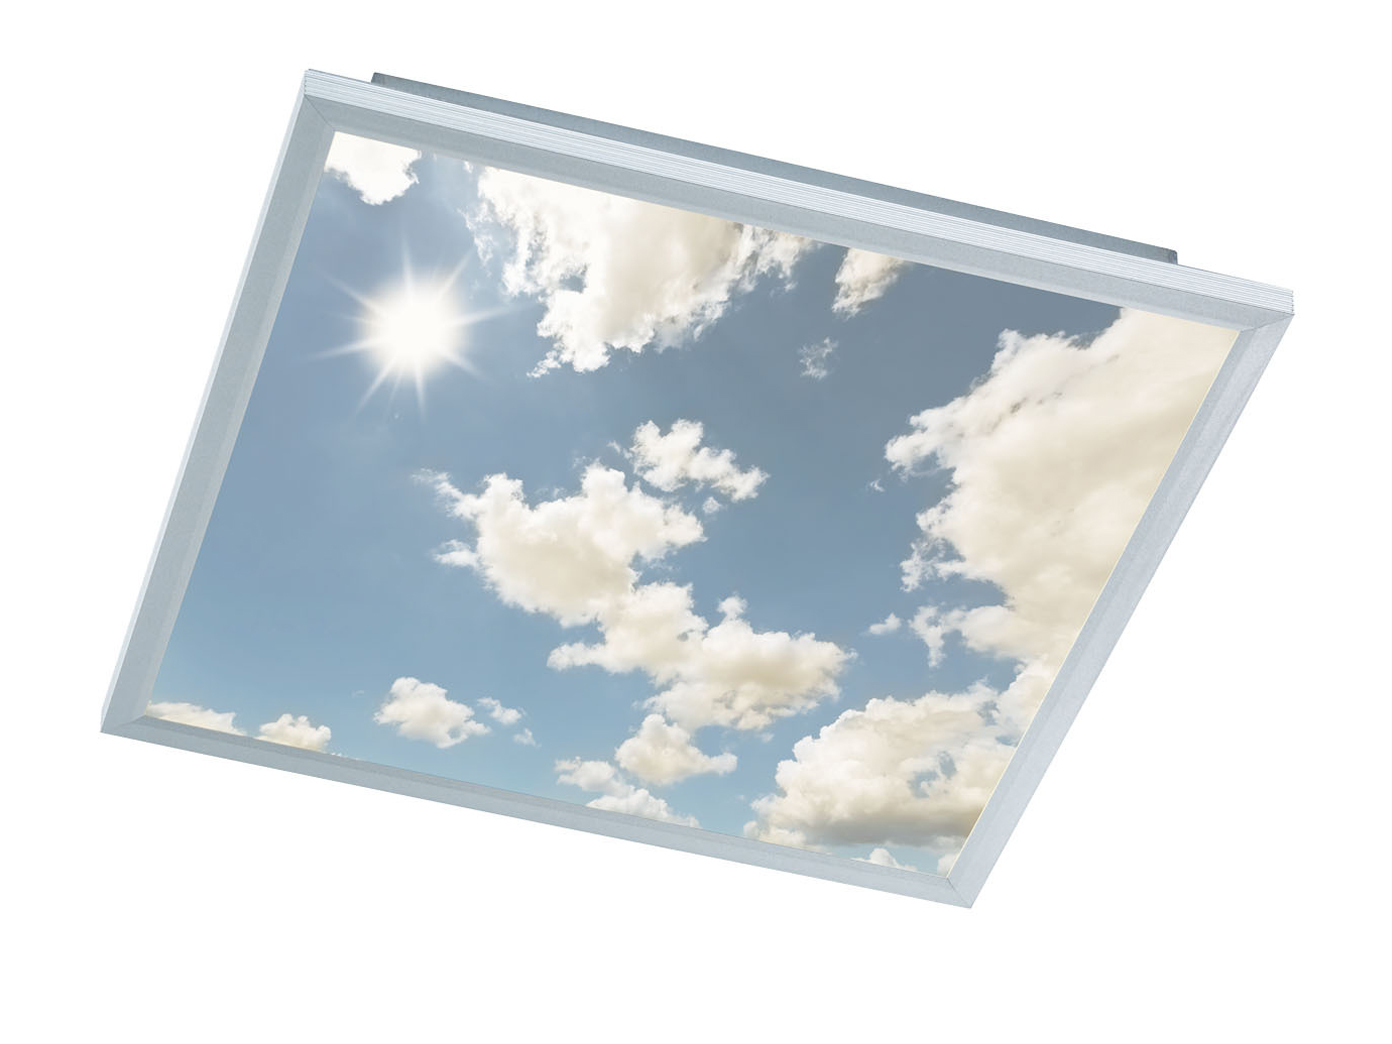 led paneel deckenleuchte 60x60 cm dimmbar mit fernbedienung himmel optik kaufen bei. Black Bedroom Furniture Sets. Home Design Ideas